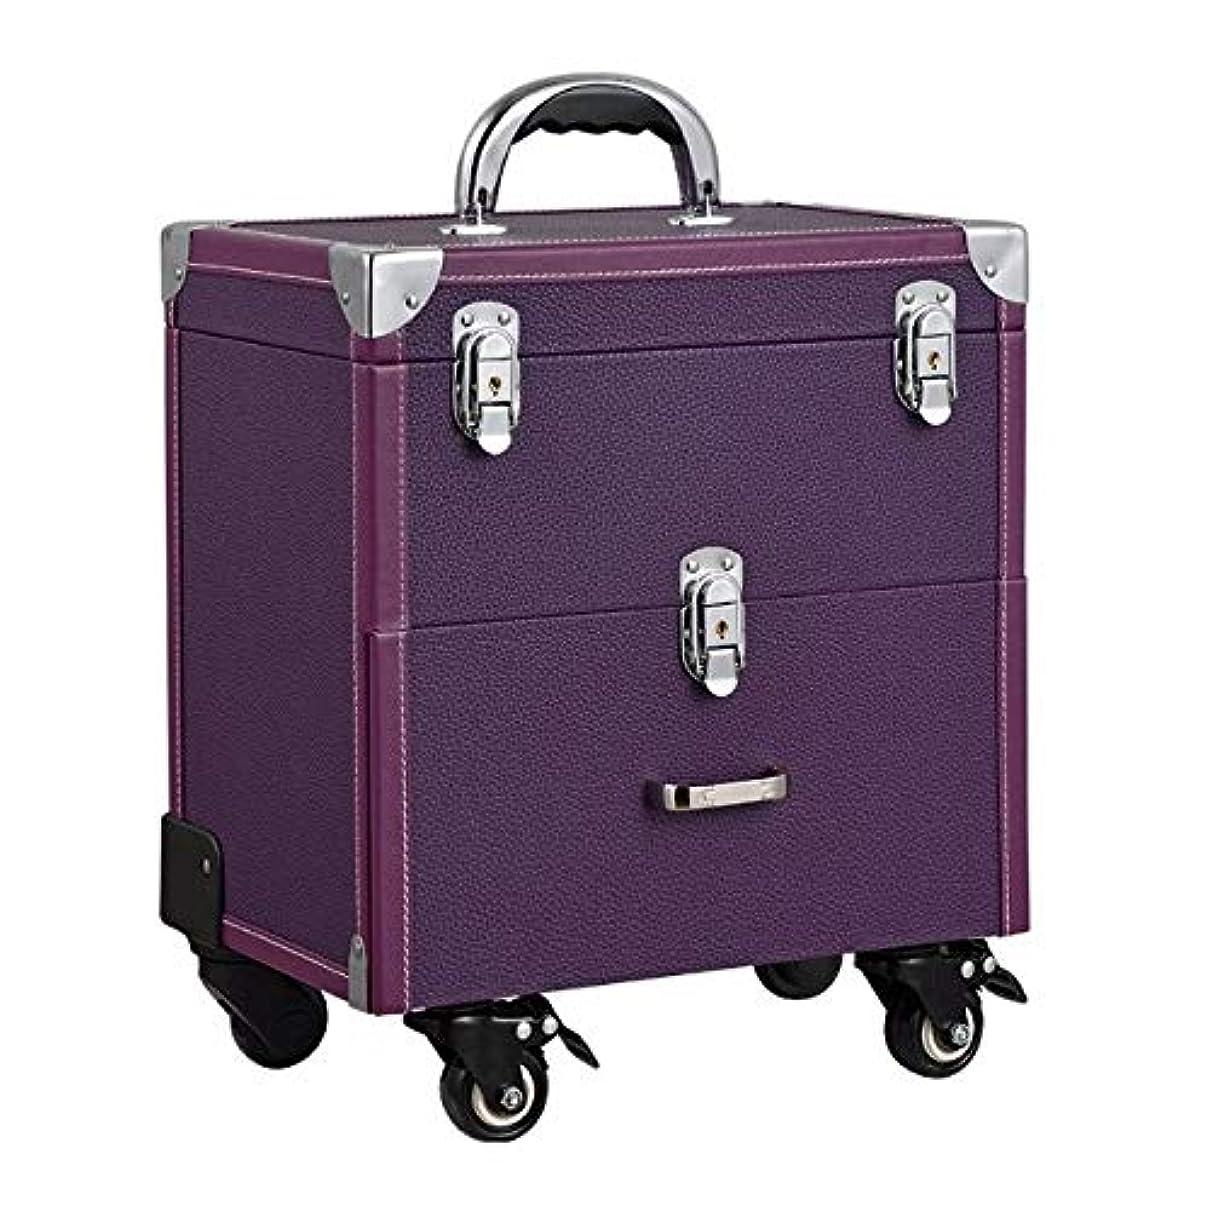 トリム想定する拷問化粧箱、大容量ダブルポール化粧品ケース、ポータブル旅行化粧品袋収納袋、美容化粧ネイルジュエリー収納ボックス (Color : Purple)